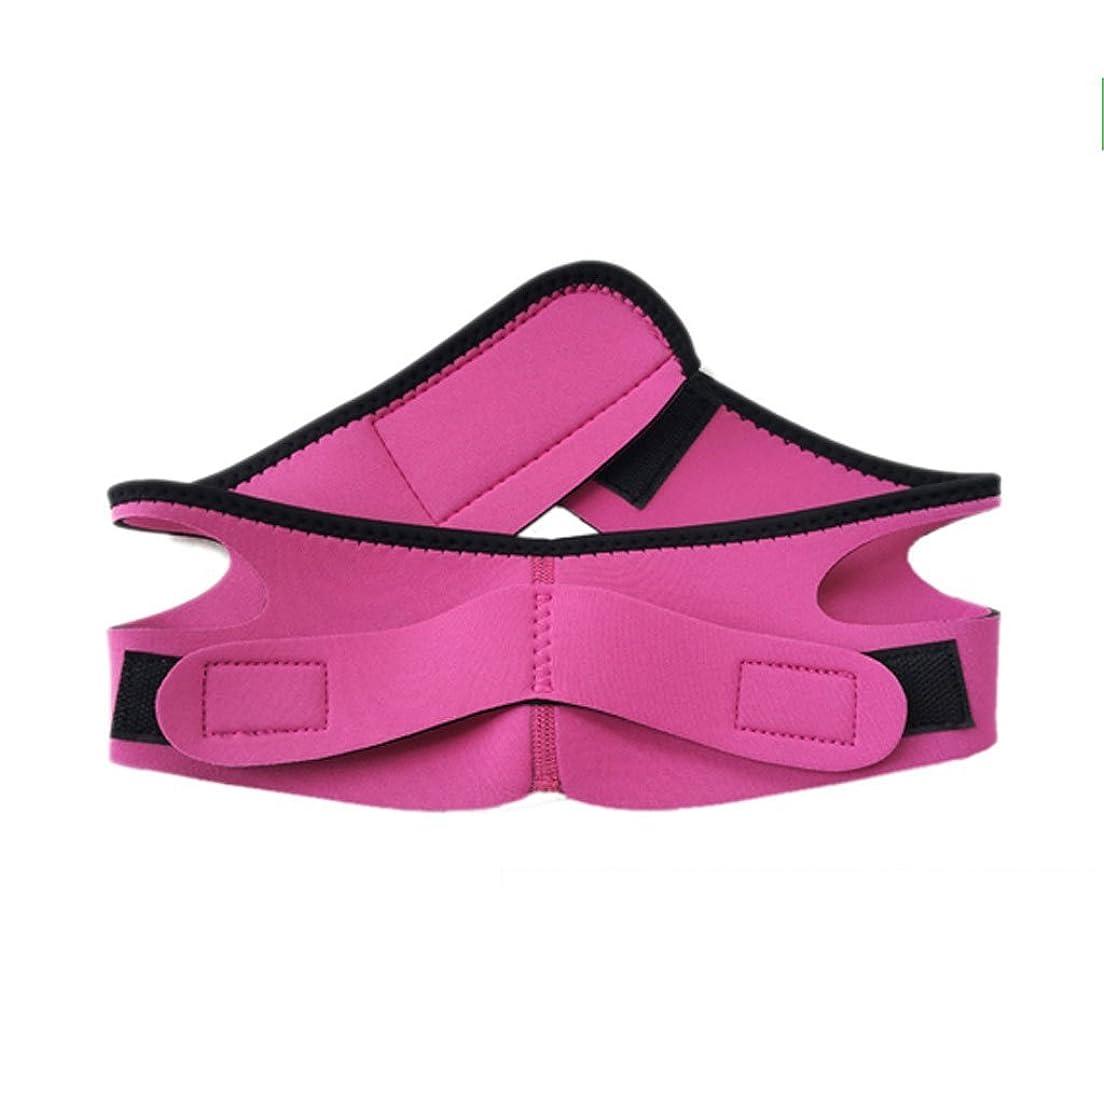 止まる実現可能性メロドラマティックQi いびき予防、あごの下の顎の転倒 - ベルトを止める - 口呼吸を防ぐ私はいびきを起こす - 眠りと睡眠の矯正アーティファクト(68cm * 8.5cm) Xia (色 : Pink)